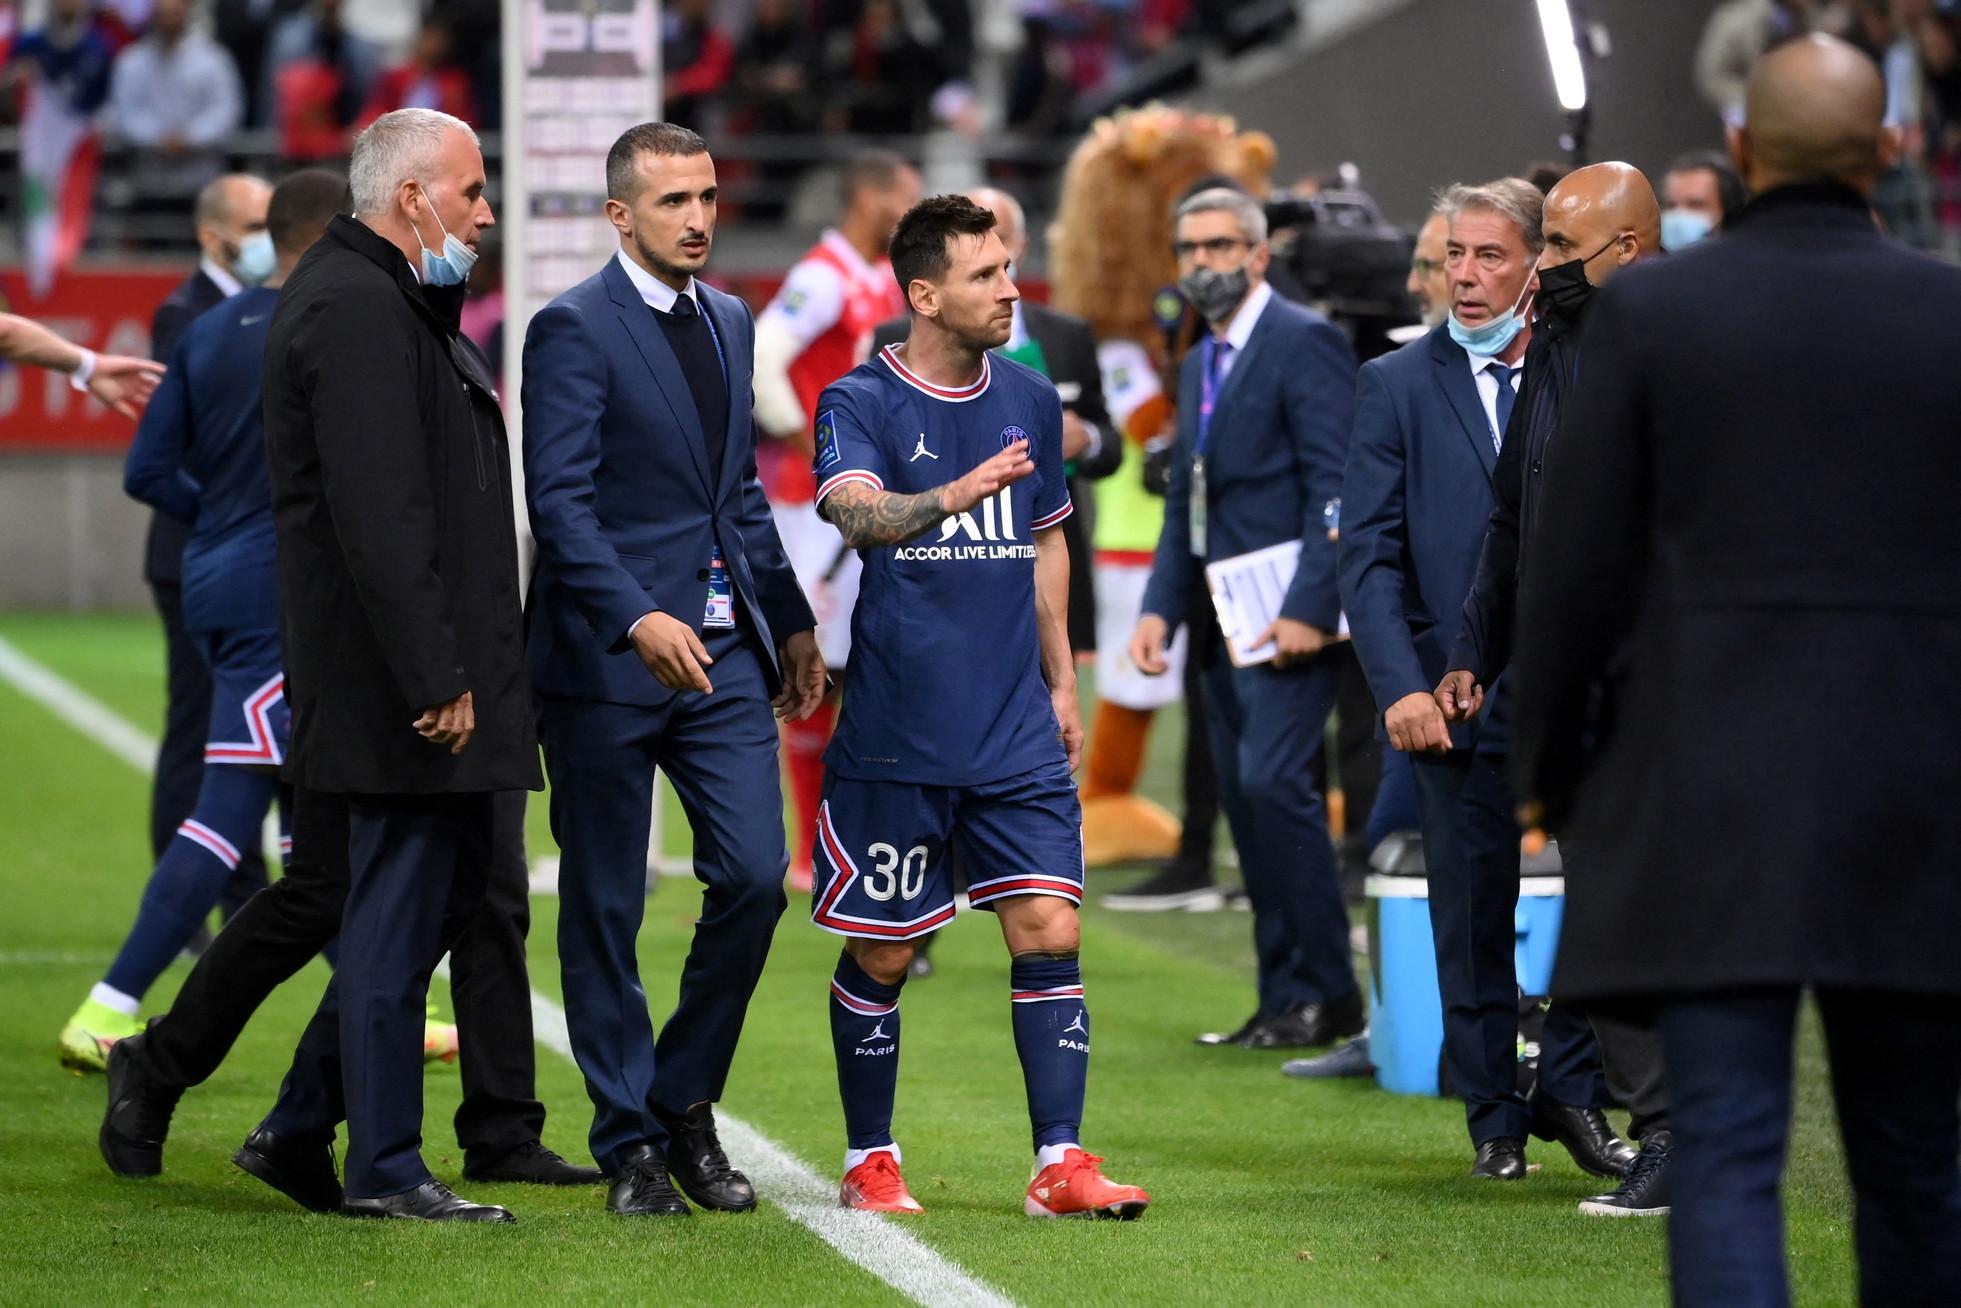 Sar&agrave; pure Lionel Messi ma Mauricio Pochettino non fa sconti: l&#39;ex Barcellona &egrave; partito dalla panchina nel match contro il Reims, entrando poi al 66&#39; al posto del suo grande amico Neymar. Rinviata quindi la possibilit&agrave; di vedere assieme Leo, O&#39; Ney e Mbapp&eacute; (in gol e sempre cercato dal Real Madrid).<br /><br />